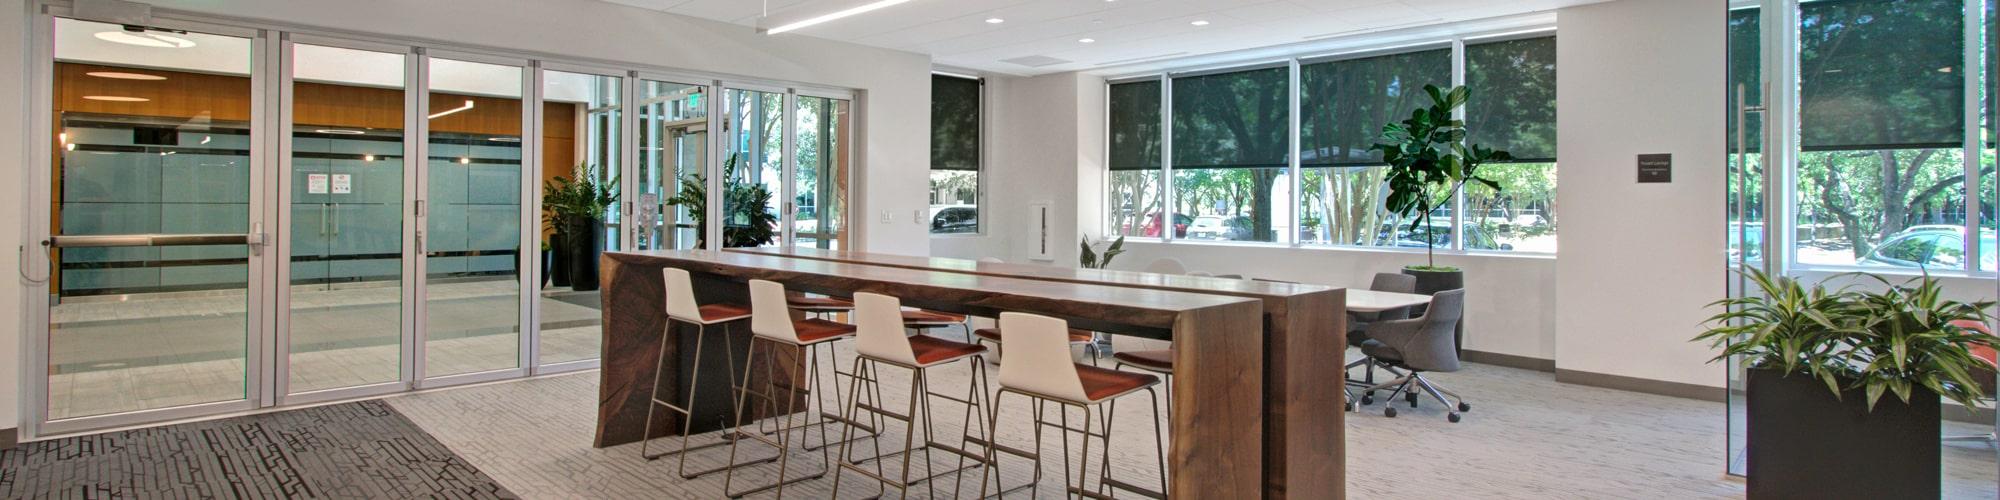 Braker Pointe Tenant Lounge